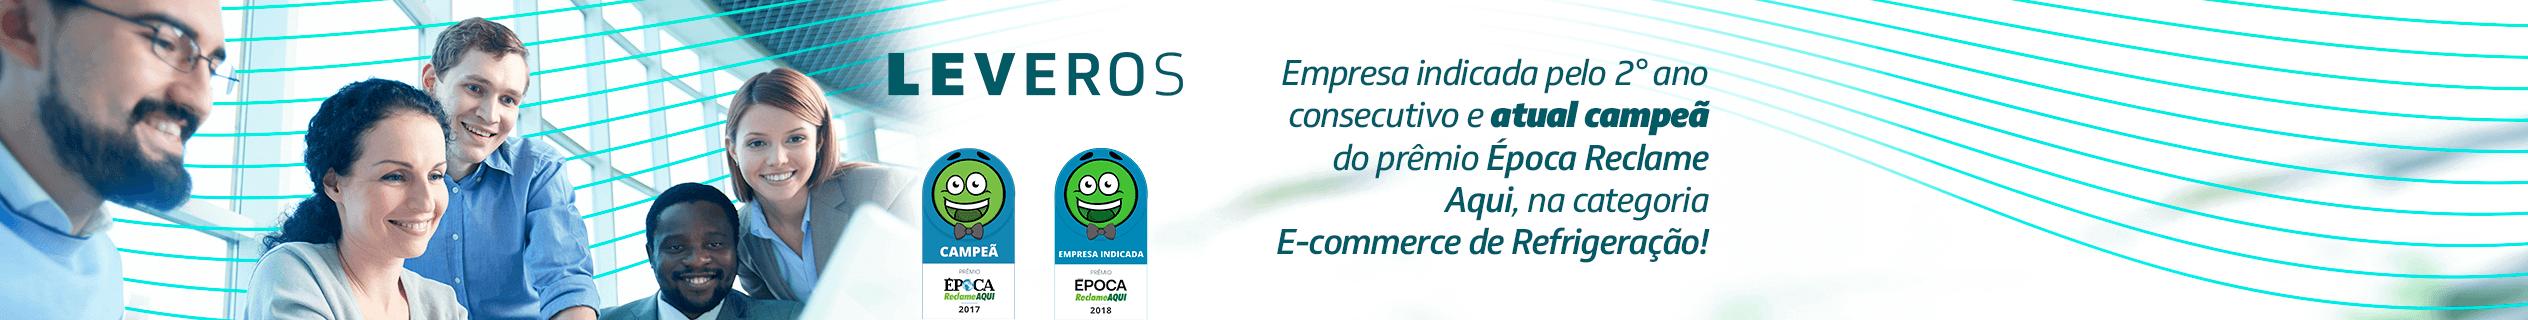 Indicação Prêmio Época